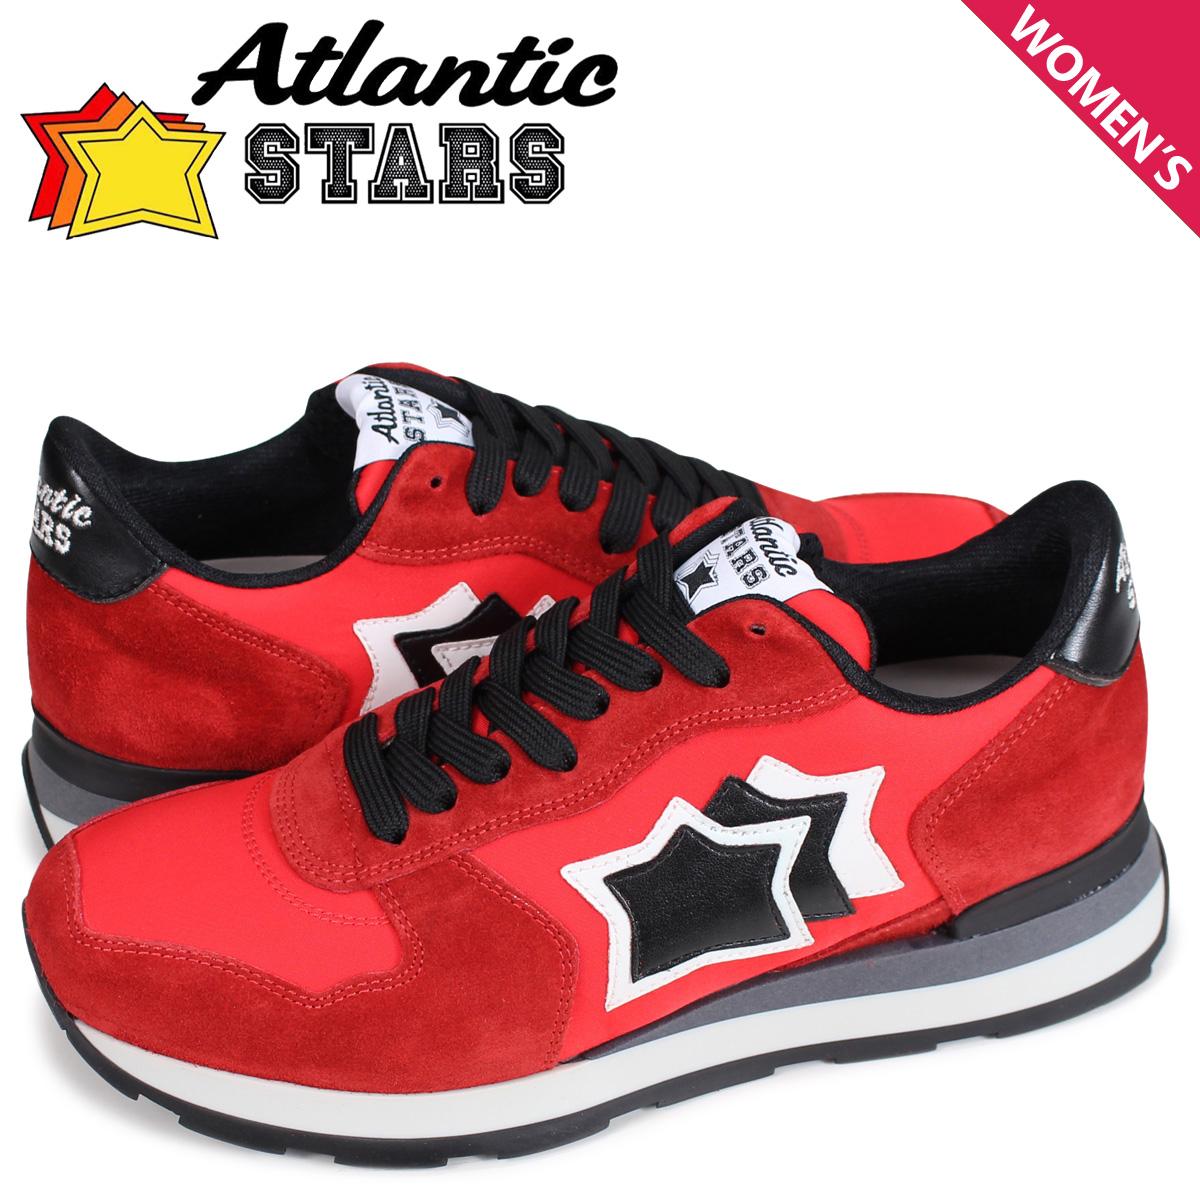 アトランティックスターズ レディース スニーカー Atlantic STARS ベガ VEGA RFN-81N レッド